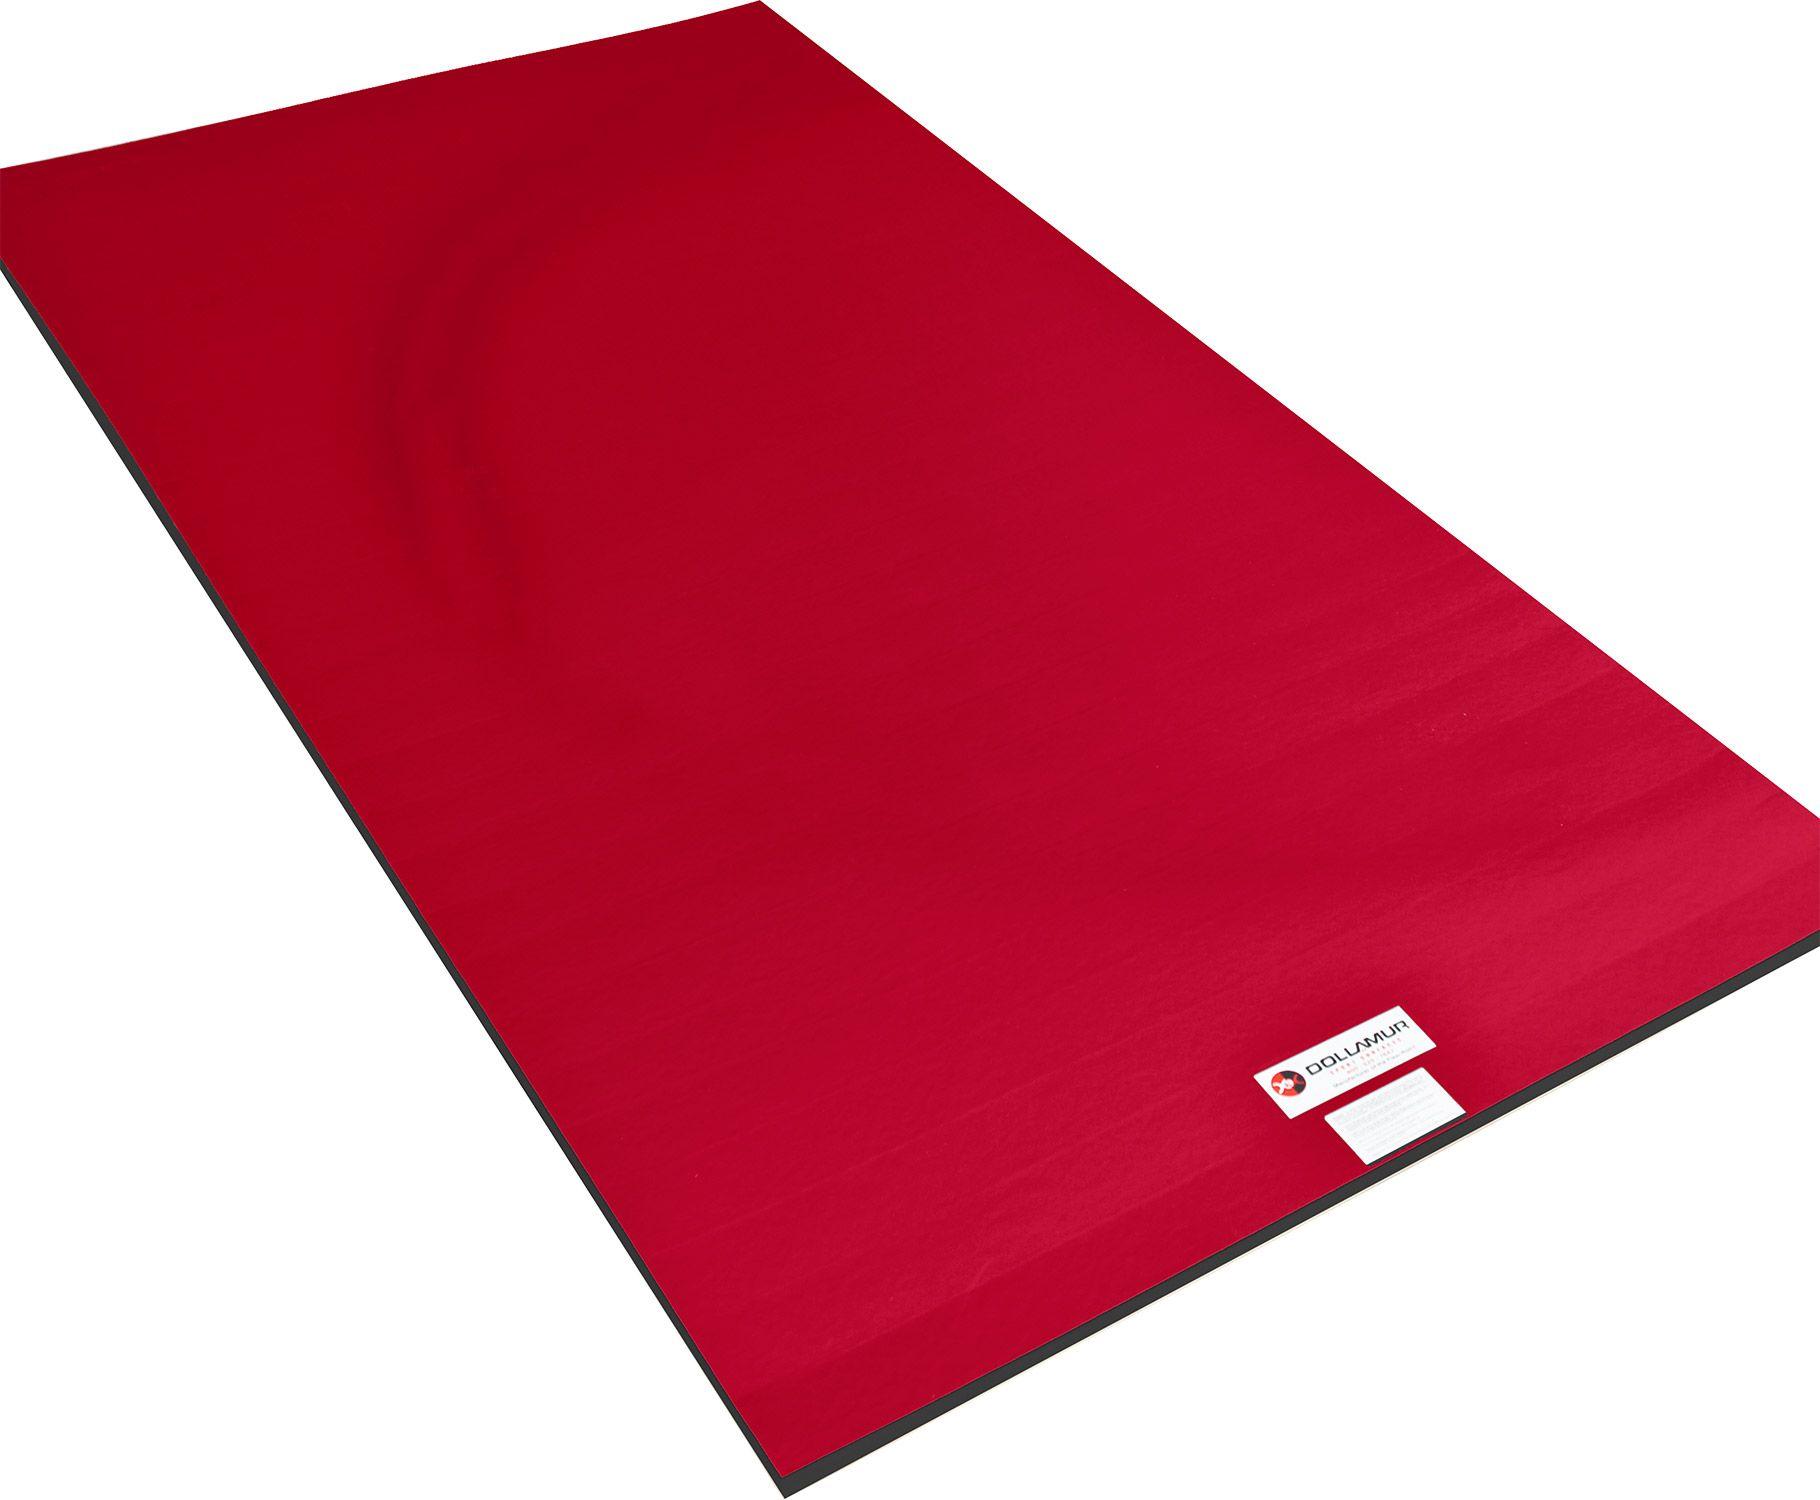 Gymnastics Mats Equipment